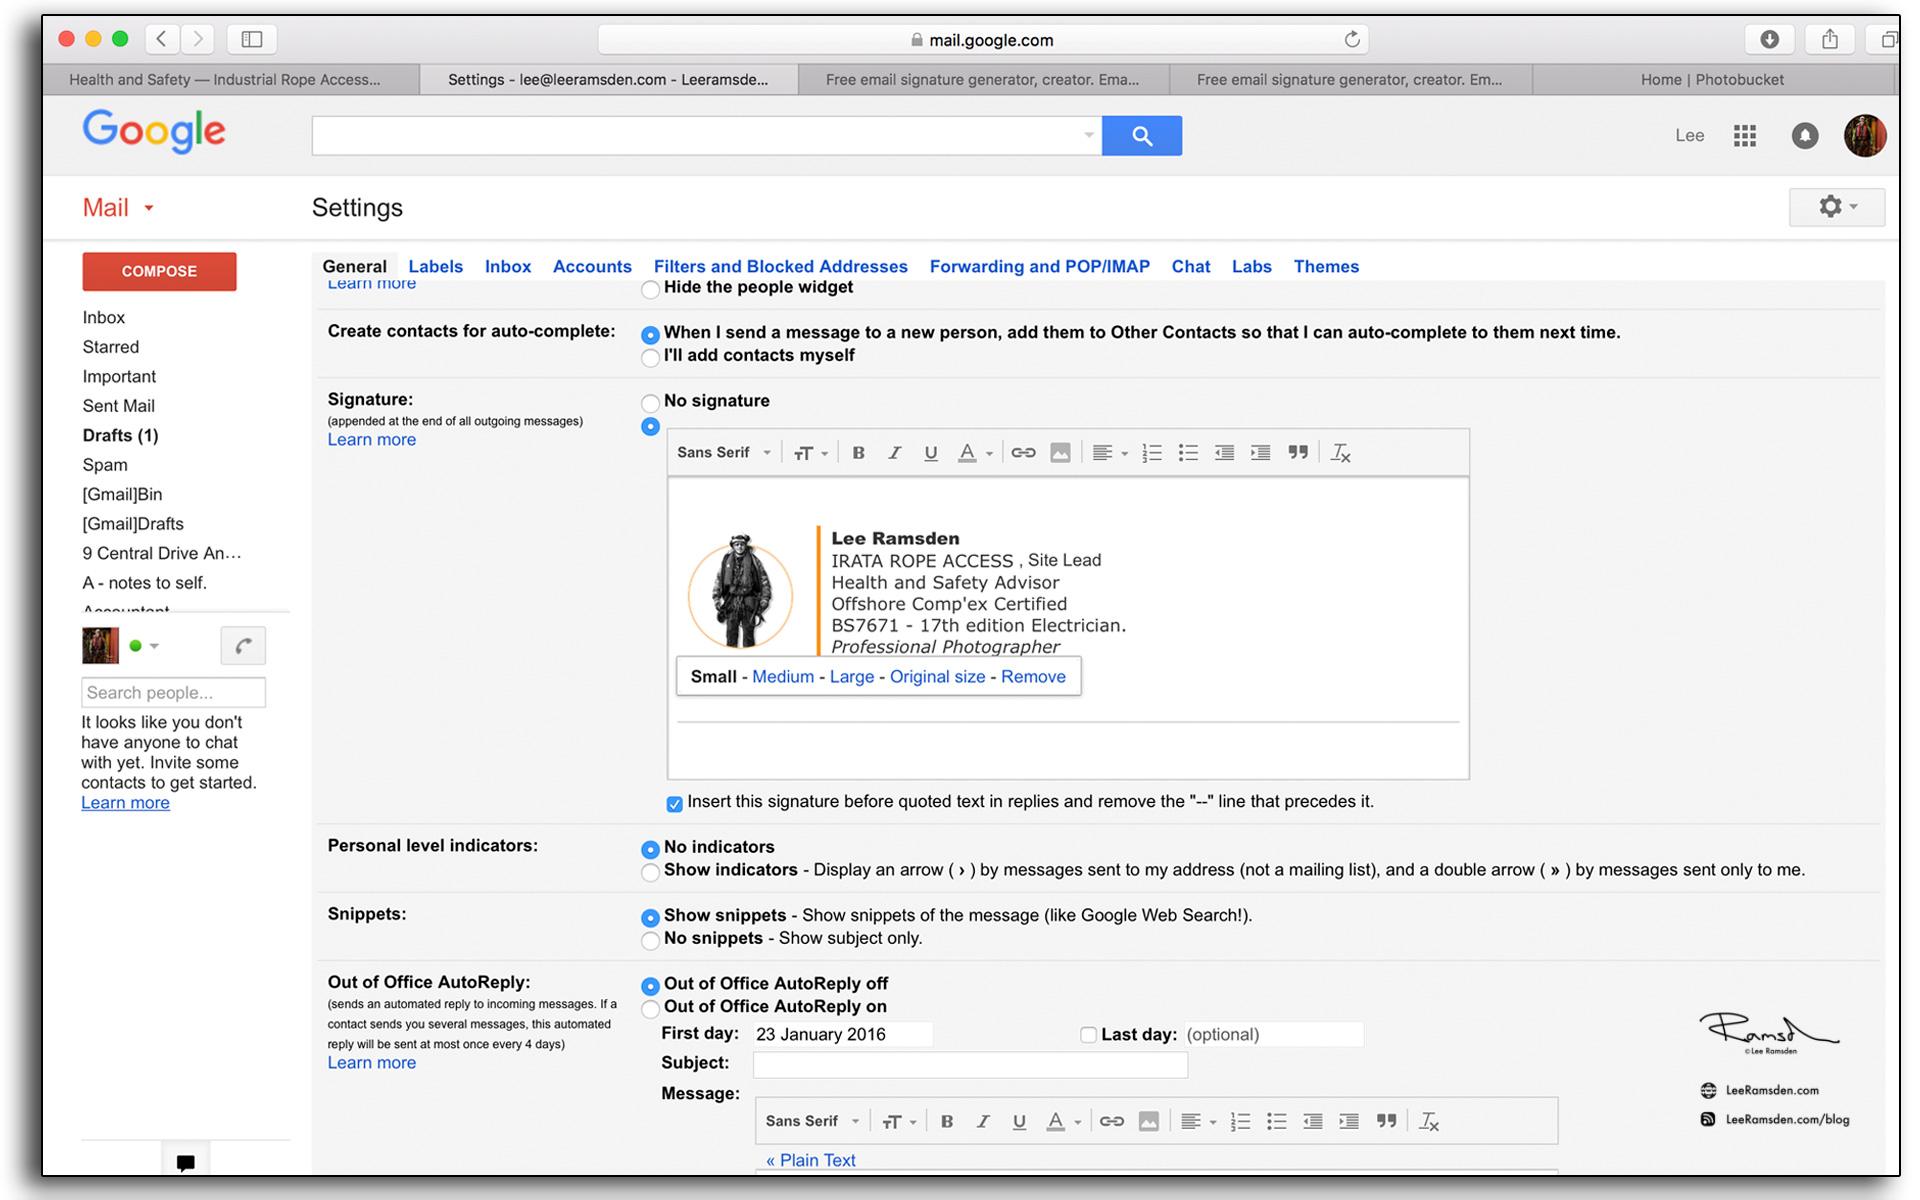 06 email signature google email for free leeramsden.com